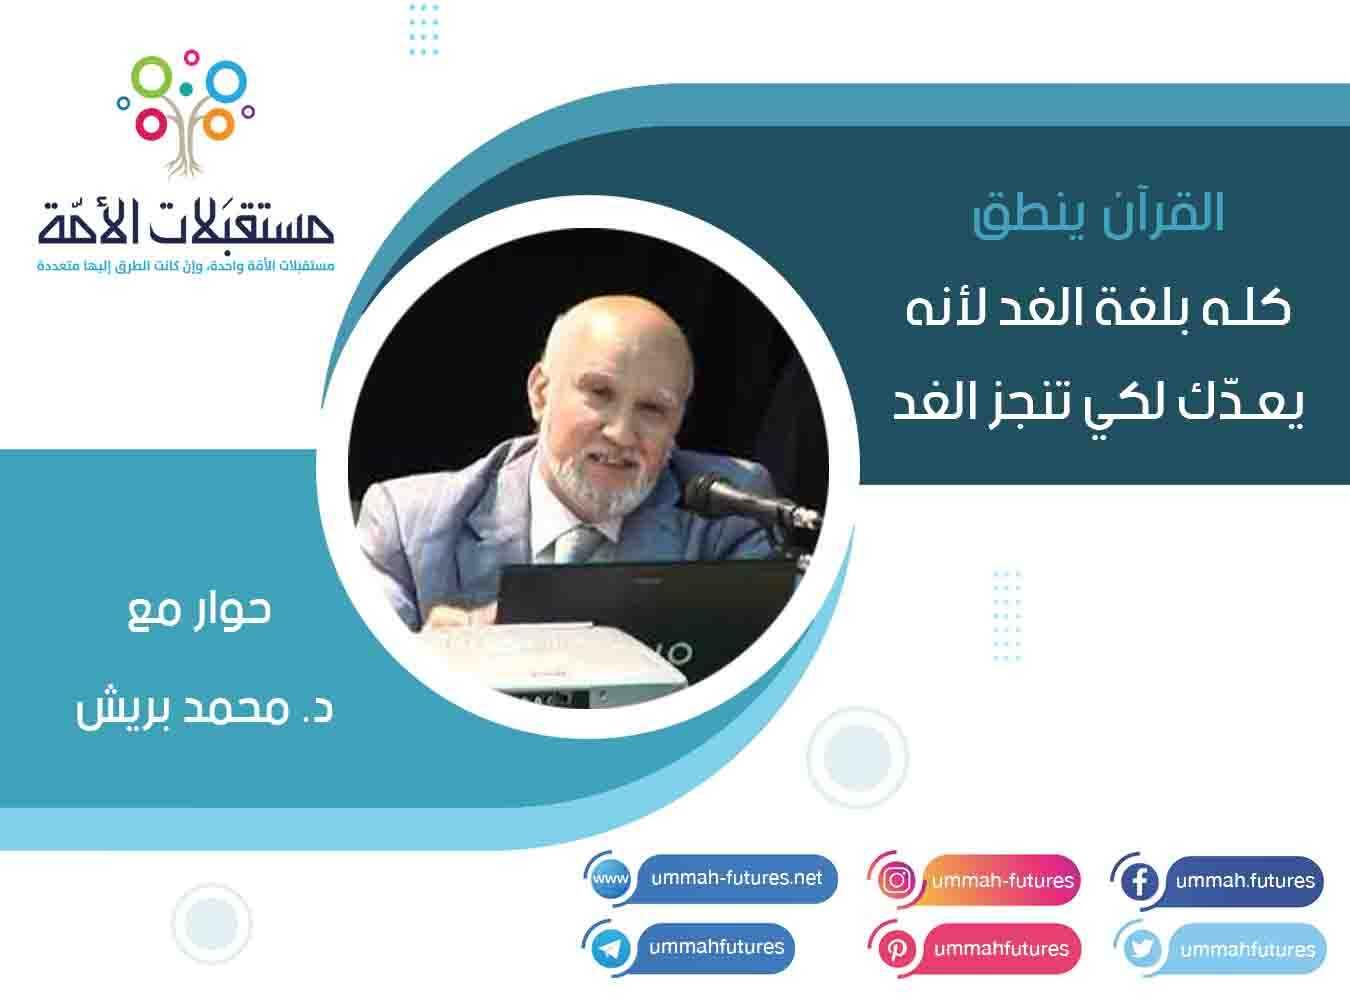 القرآن ينطق كله بلغة الغد لأنه يعدّك لكي تنجز الغد   حوار قصير مع د. محمد بريش